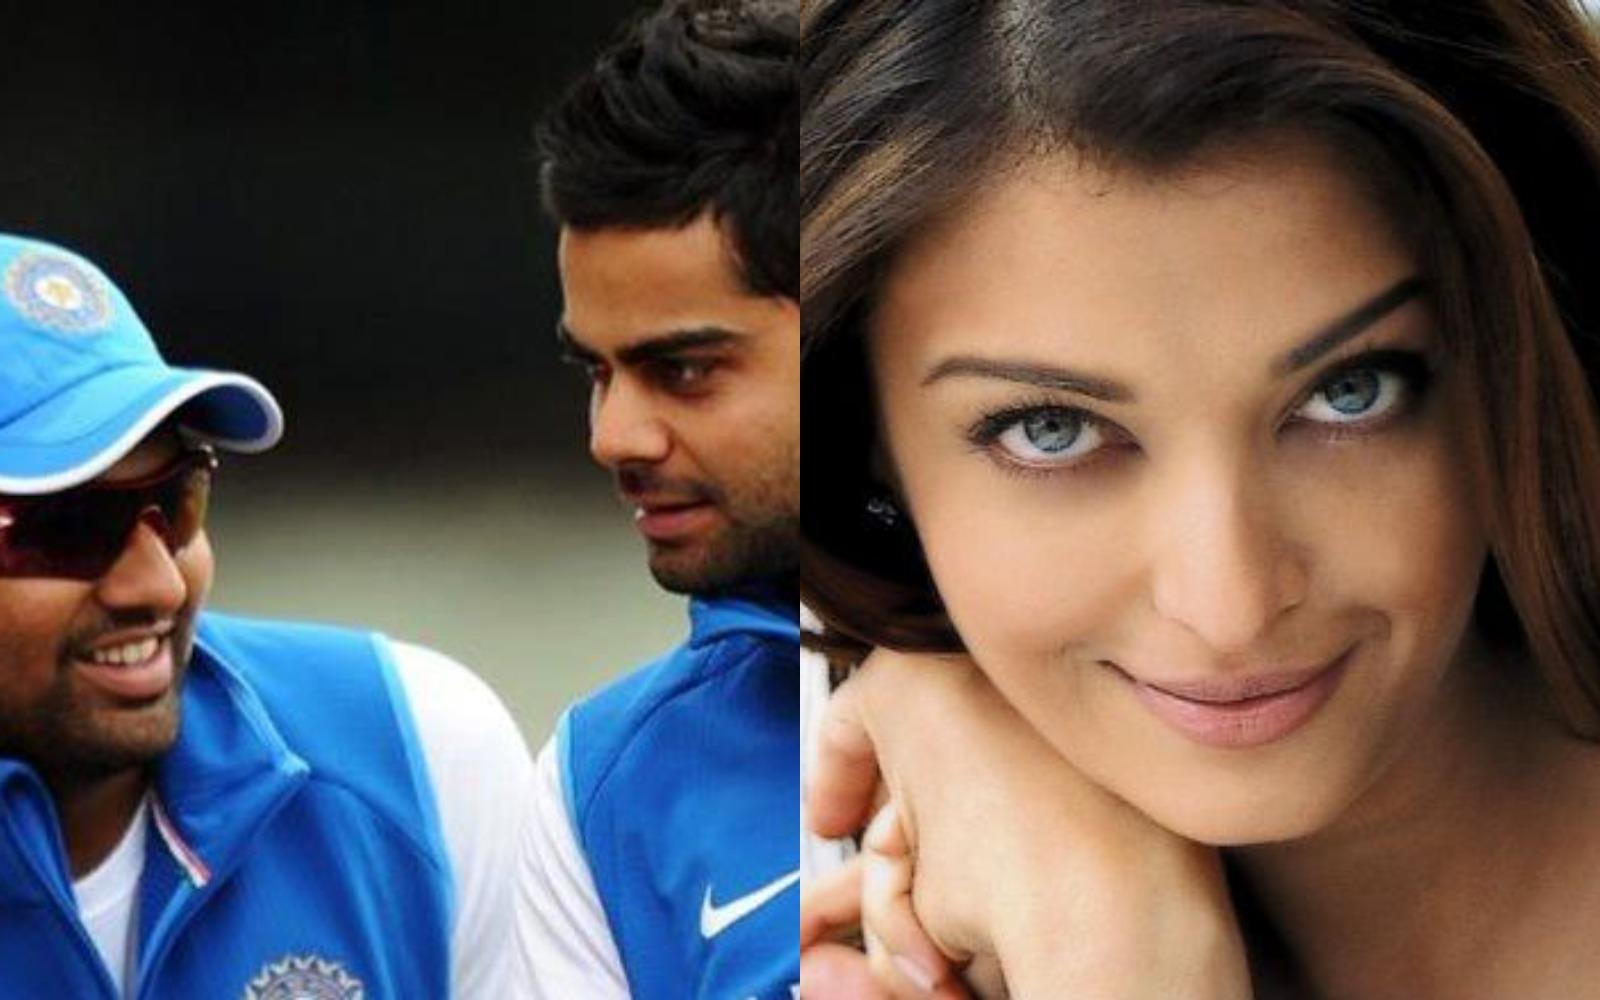 #TOP10: ভারতীয় ক্রিকেটারদের পছন্দের অভিনেত্রী, যাদের জন্য করতে পারেন কোটি কোটি টাকা খরচ 6